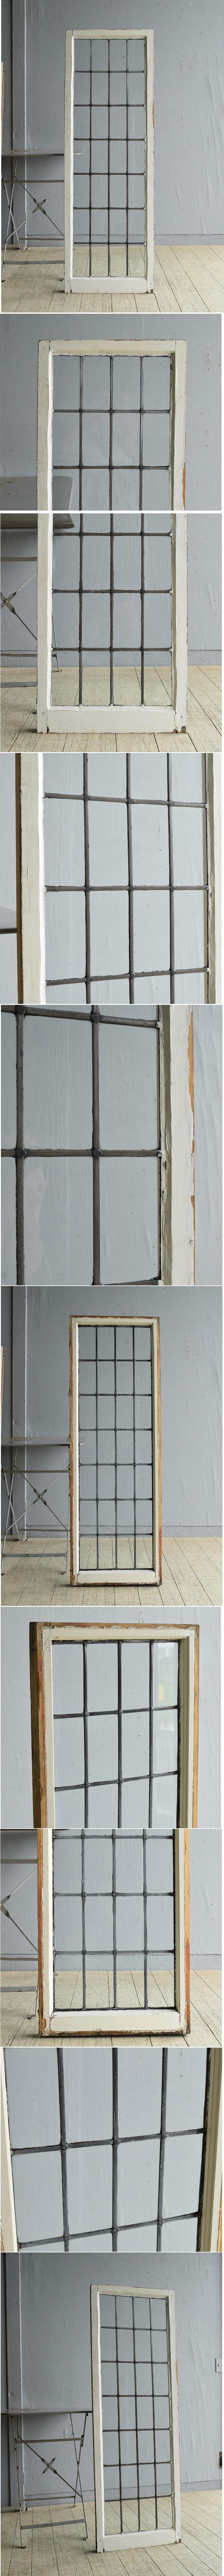 イギリス アンティーク 窓 無色透明 8055